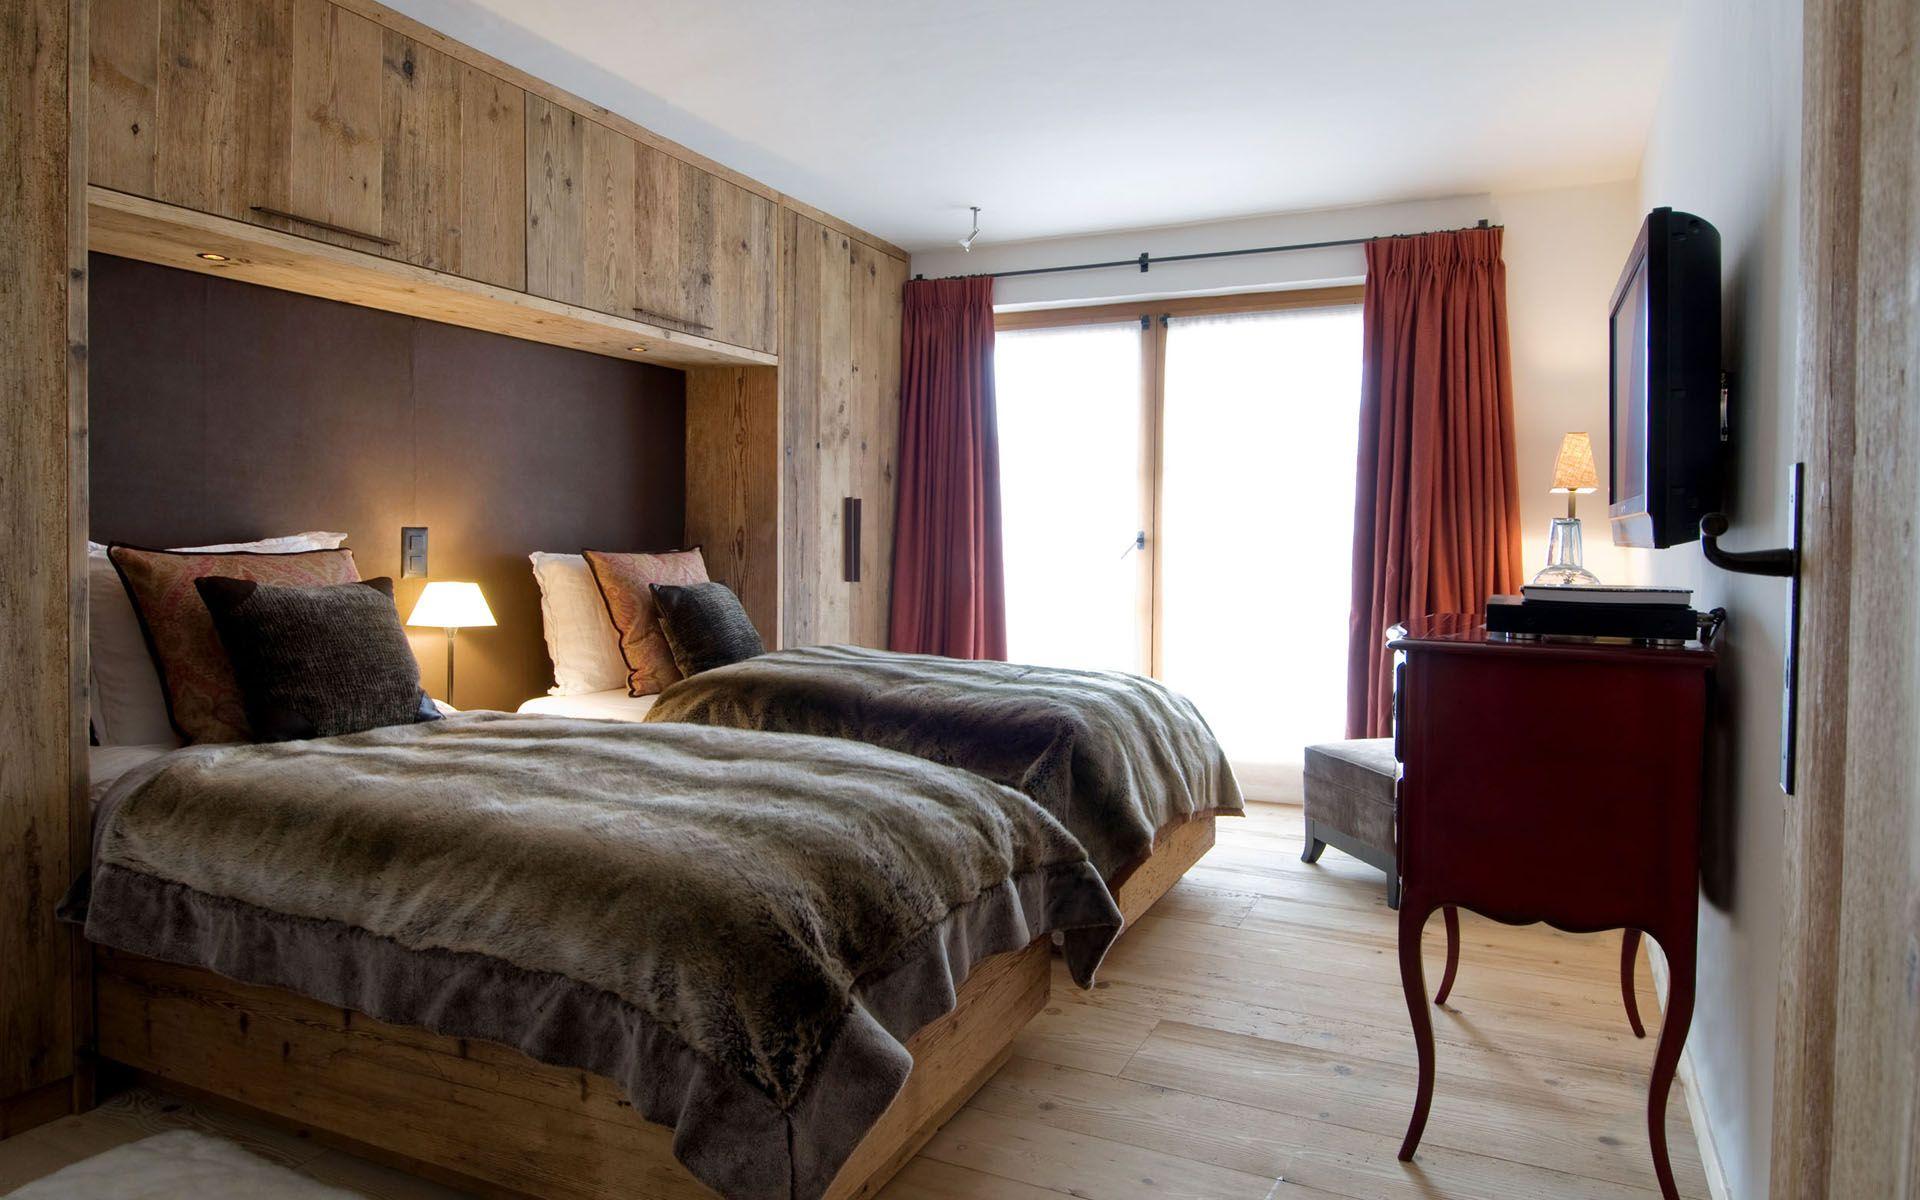 Luxury Ski Chalet, Chalet Dent Blanche, Verbier, Switzerland, Switzerland (photo#1281)